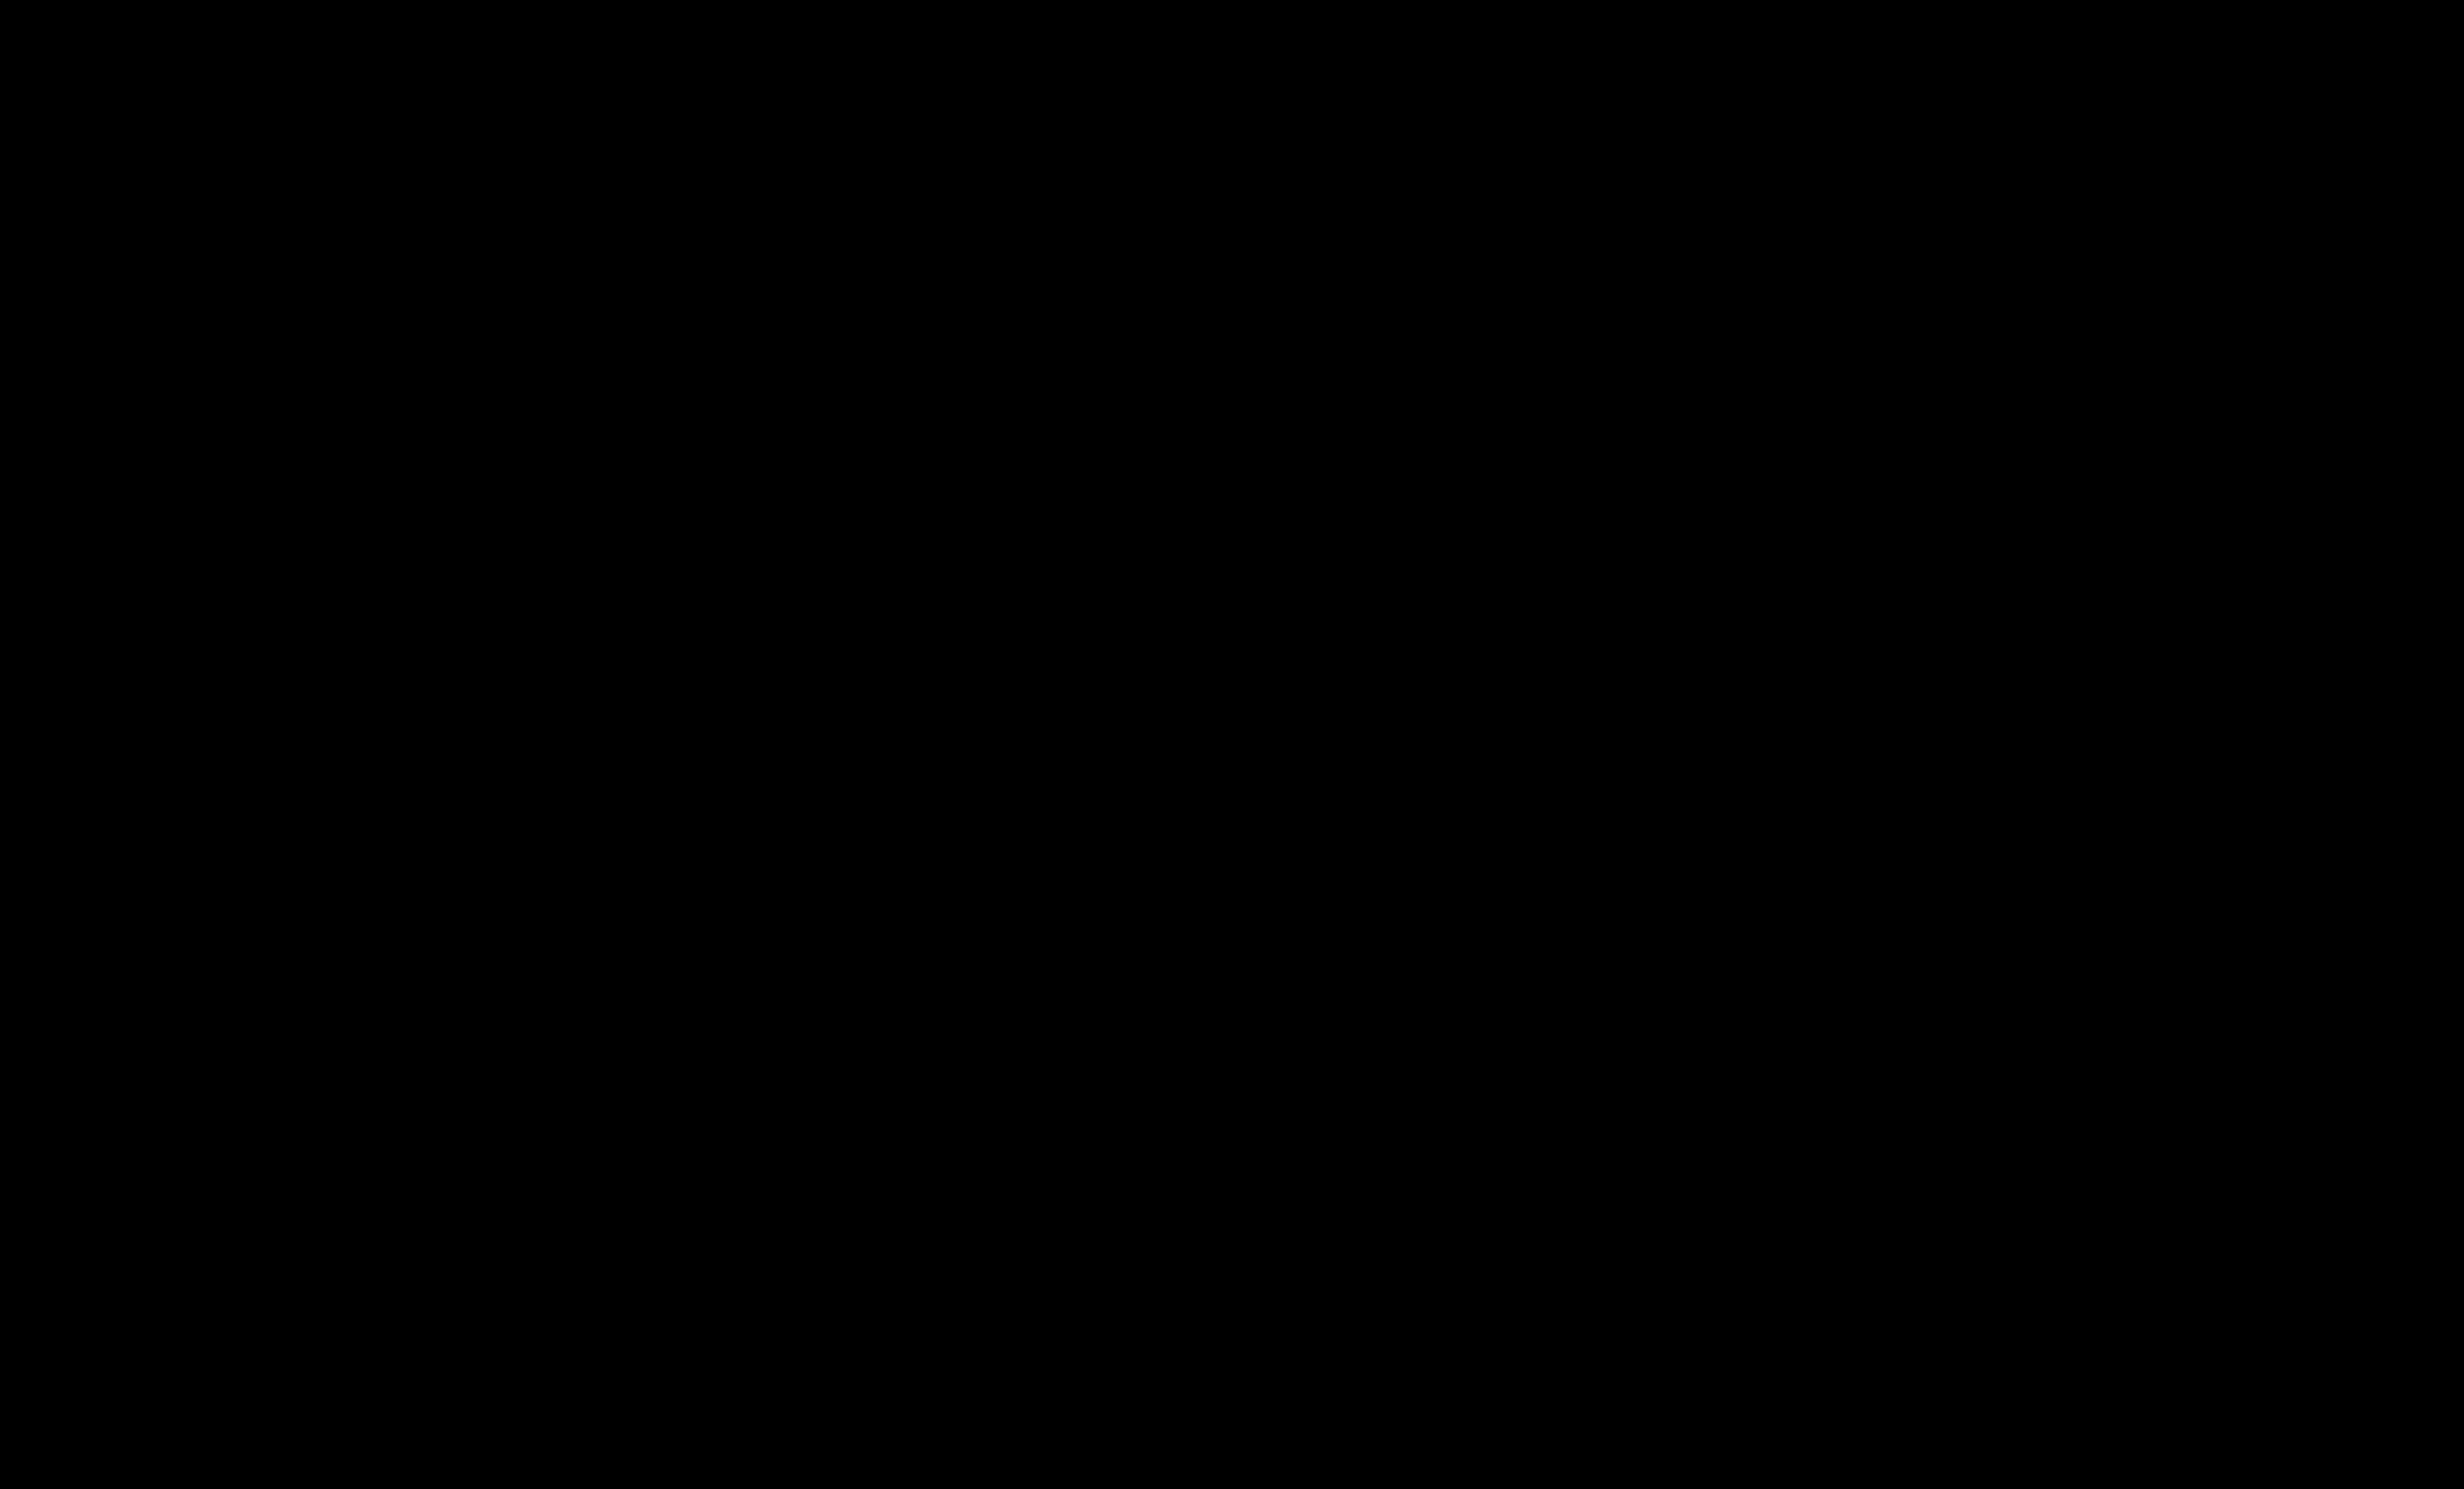 LOGOTYPRÄTT-09